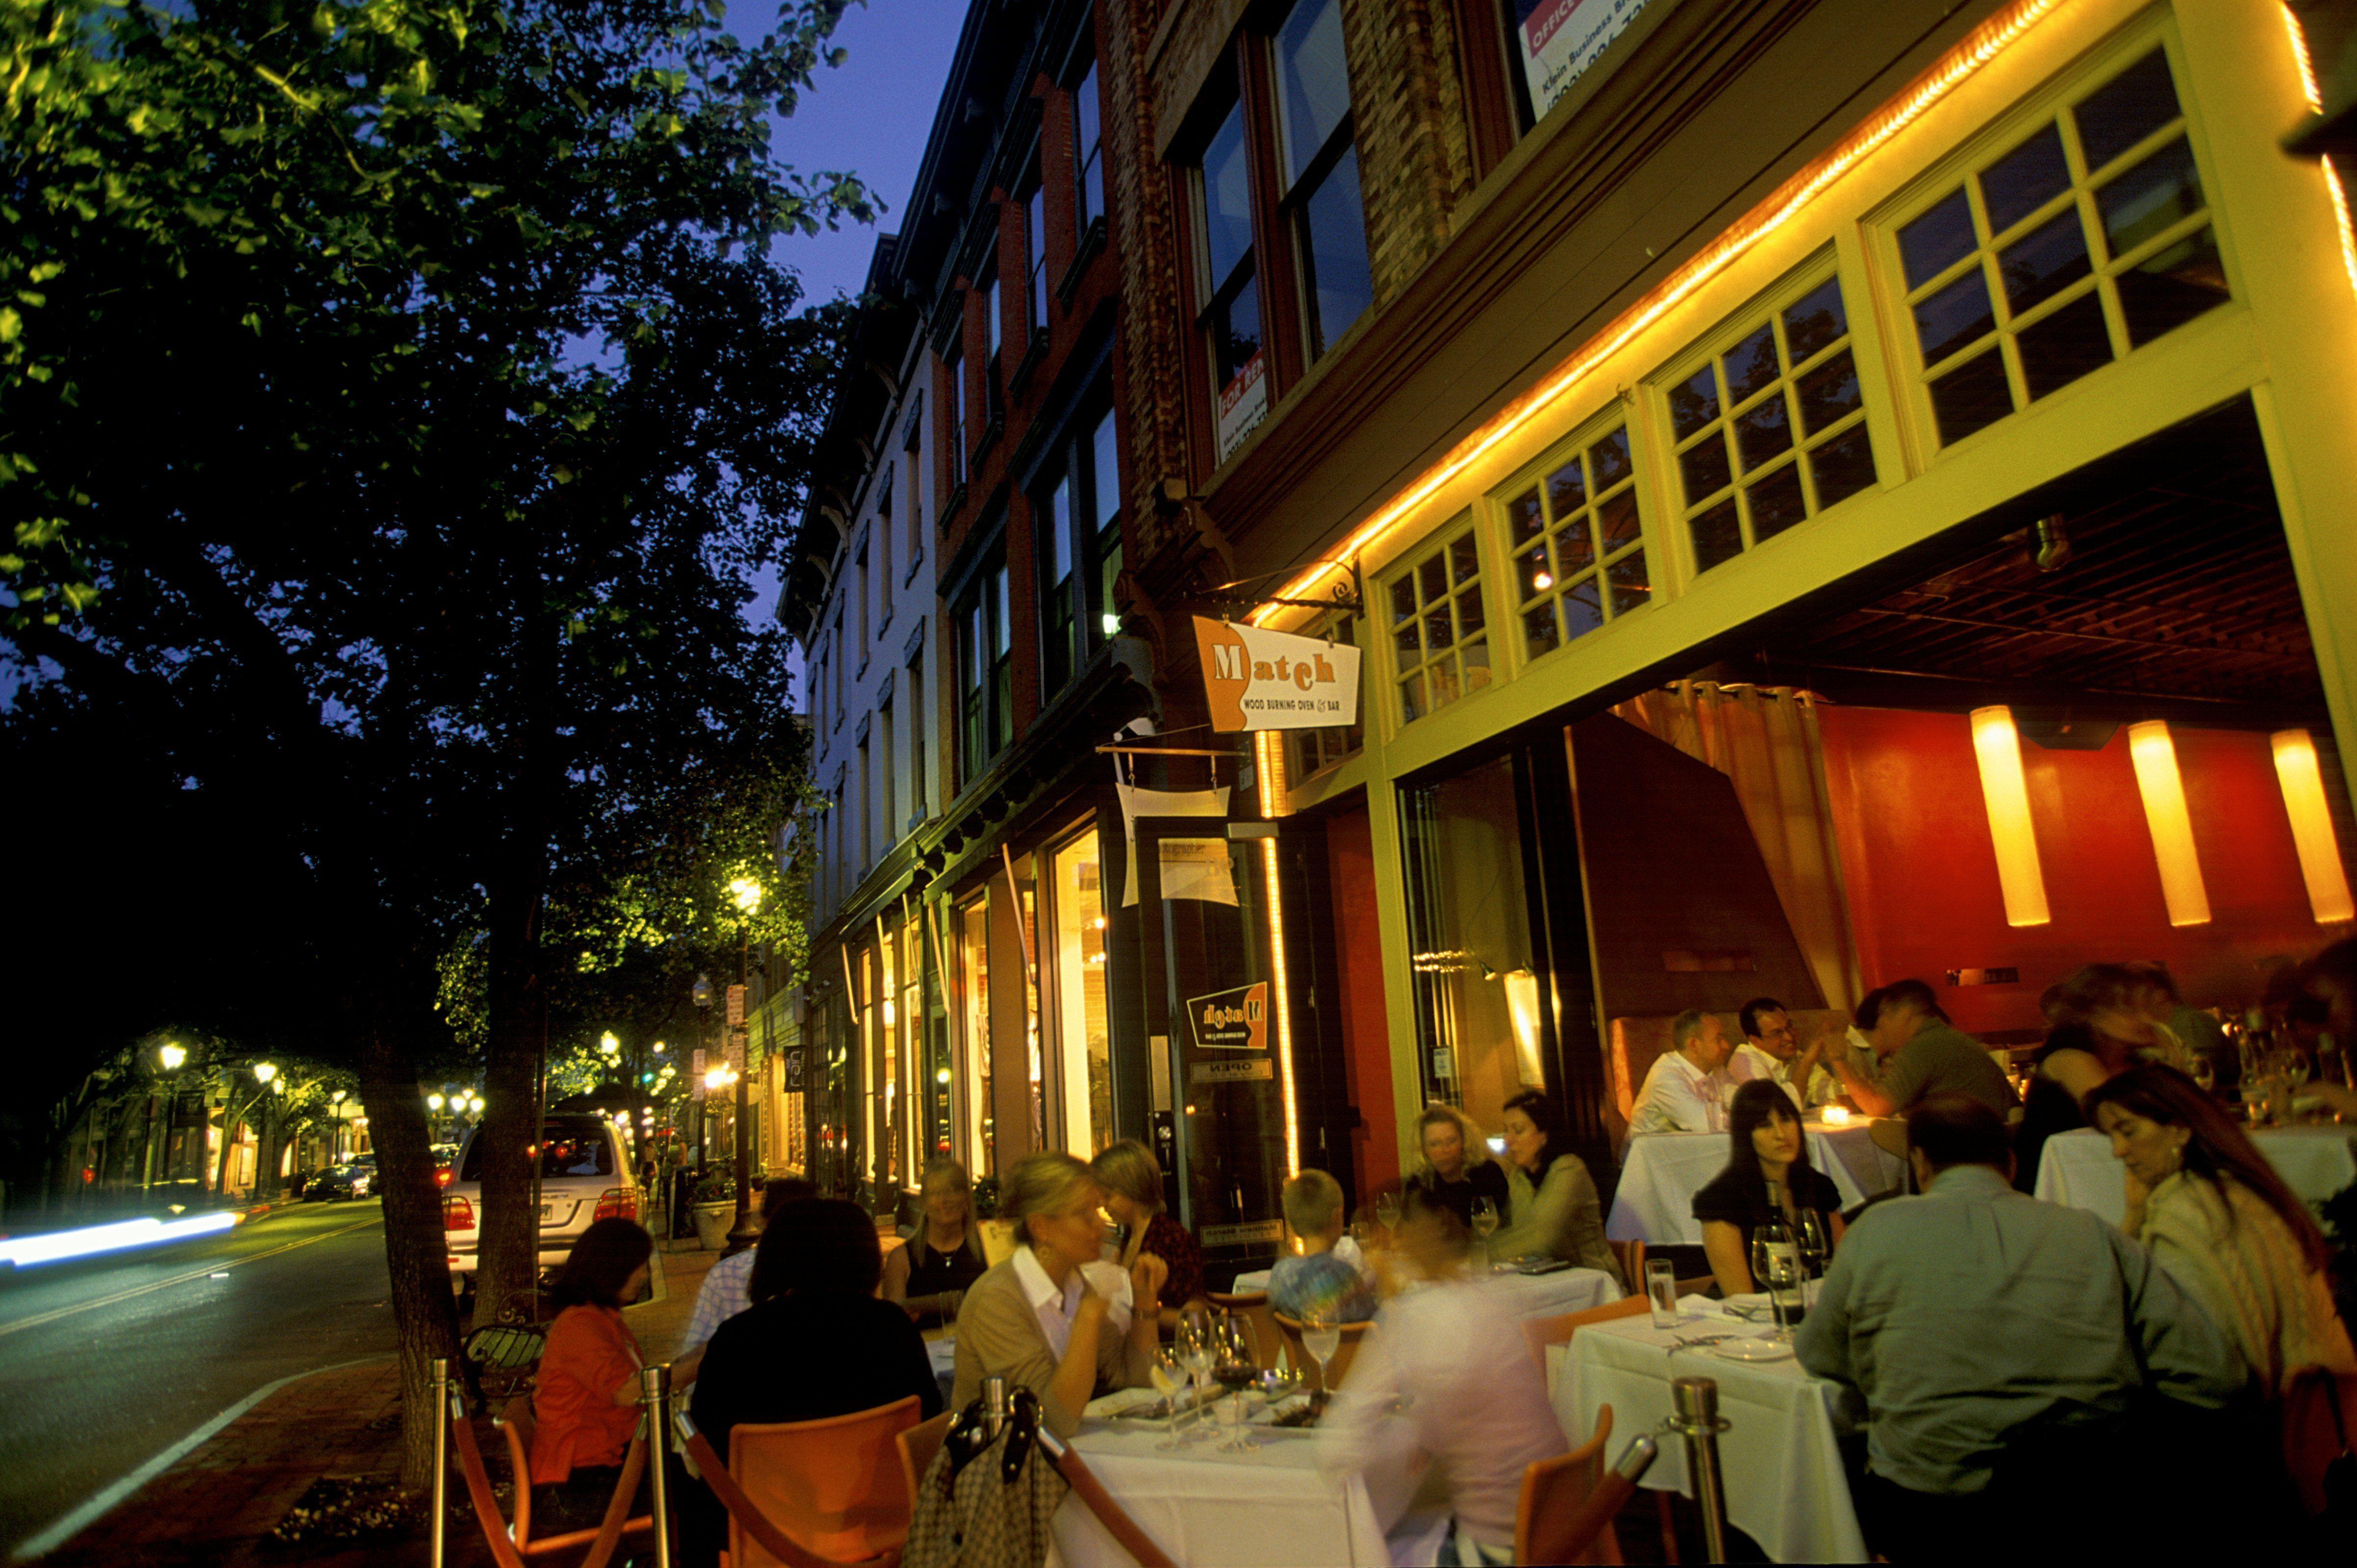 Ct outdoor dining in norwalk